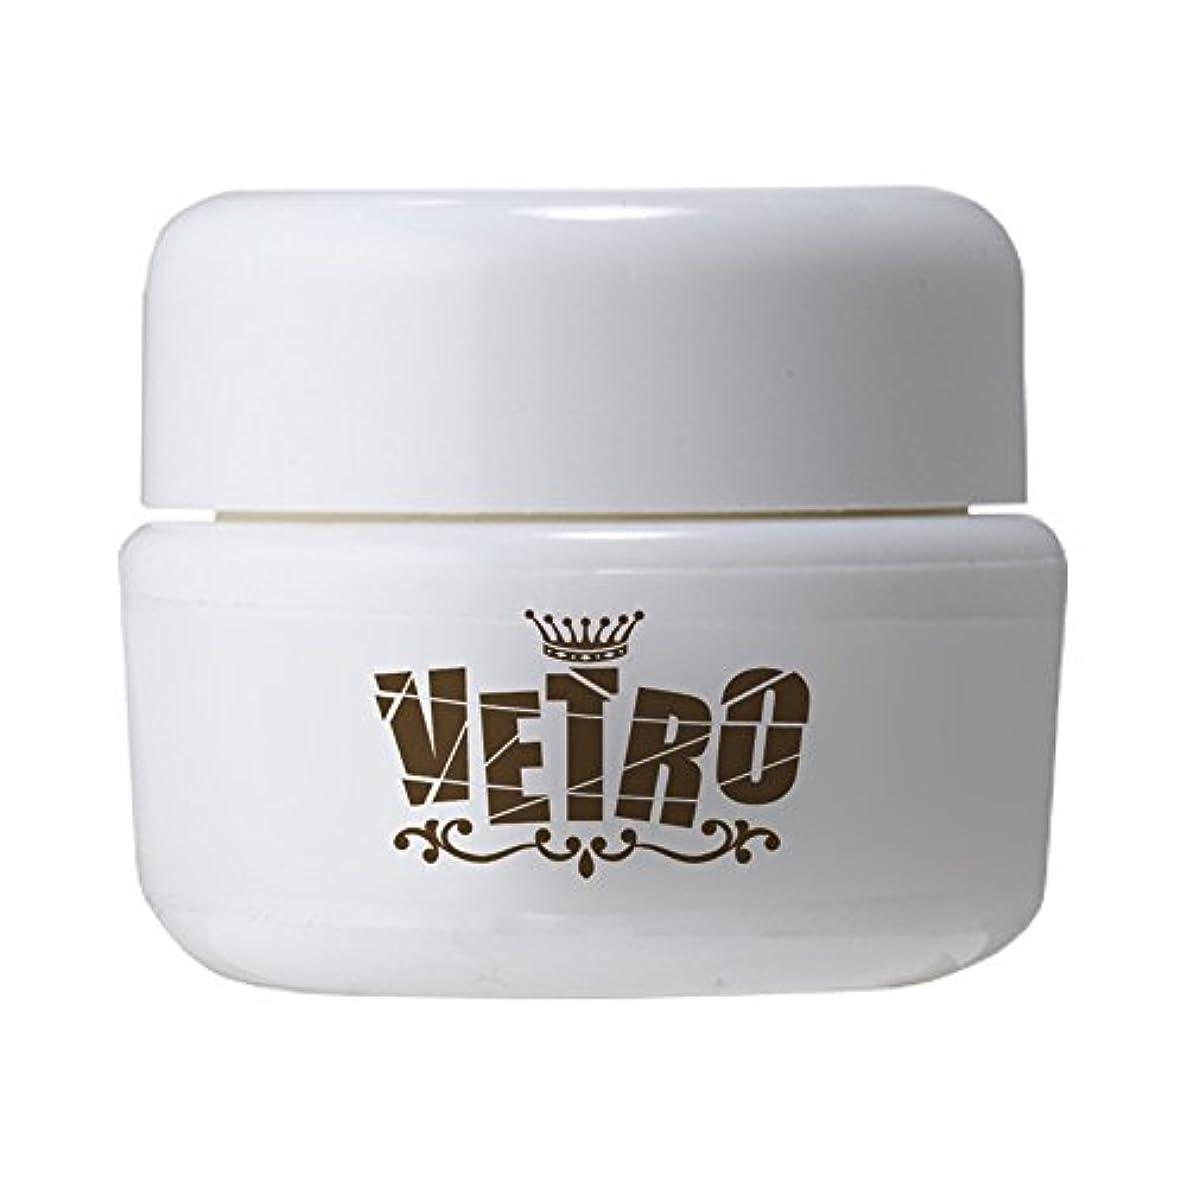 レキシコン鎖に向けて出発VETRO No.19 カラージェル シアー VL240 クリスタレッド 4ml